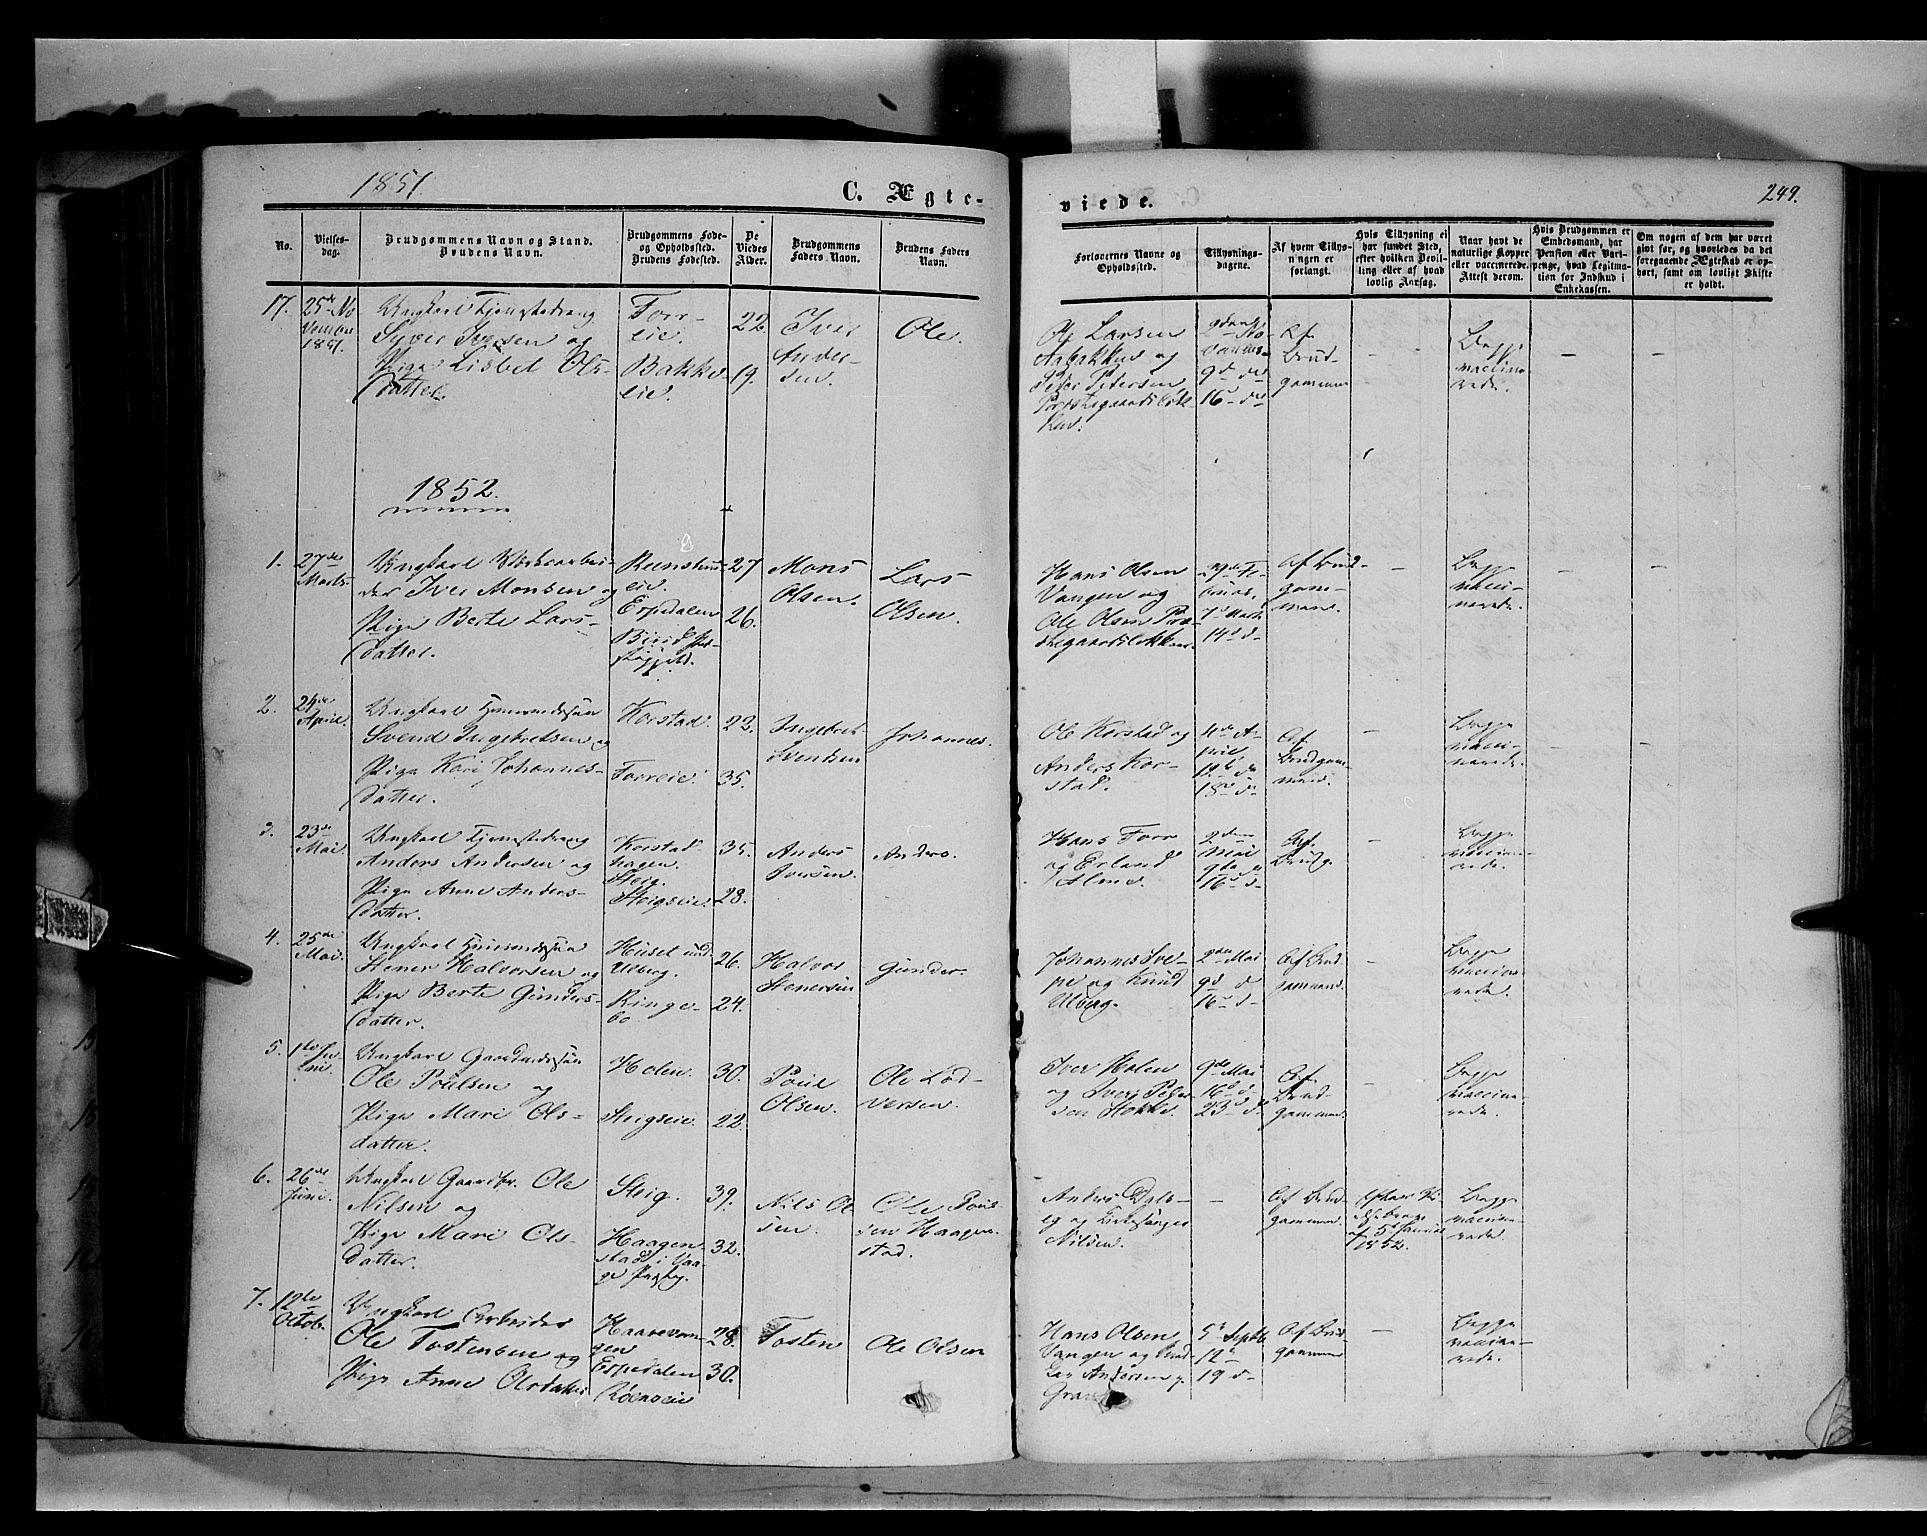 SAH, Sør-Fron prestekontor, H/Ha/Haa/L0001: Ministerialbok nr. 1, 1849-1863, s. 249